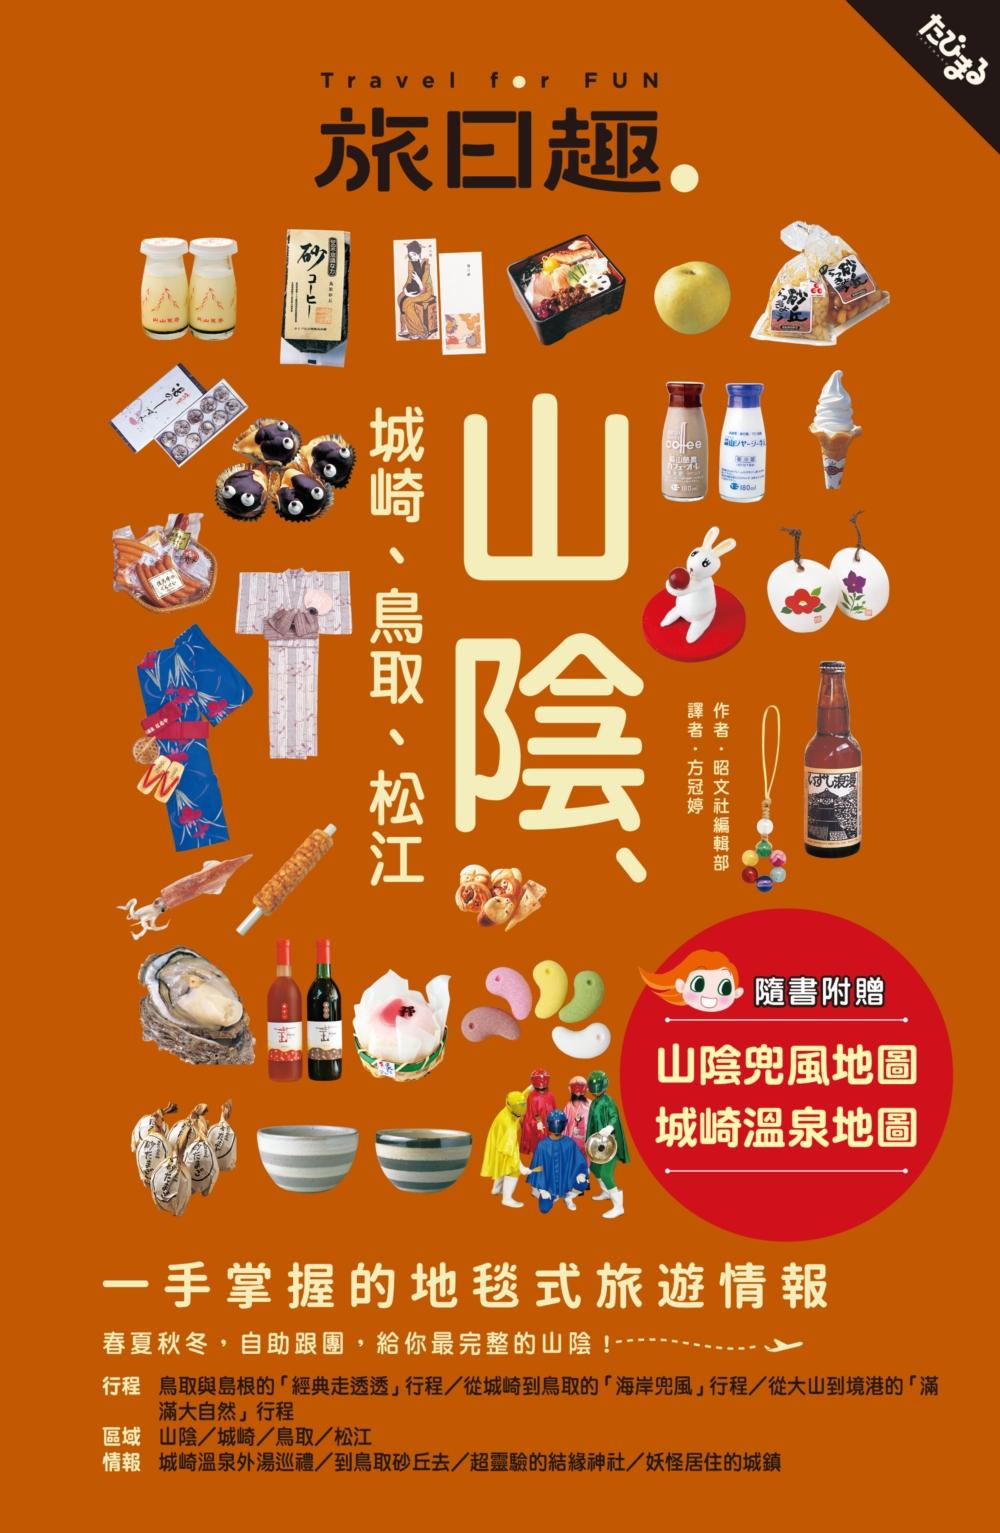 《旅日趣:山陰、城崎、鳥取、松江》 商品條碼,ISBN:9789869579926